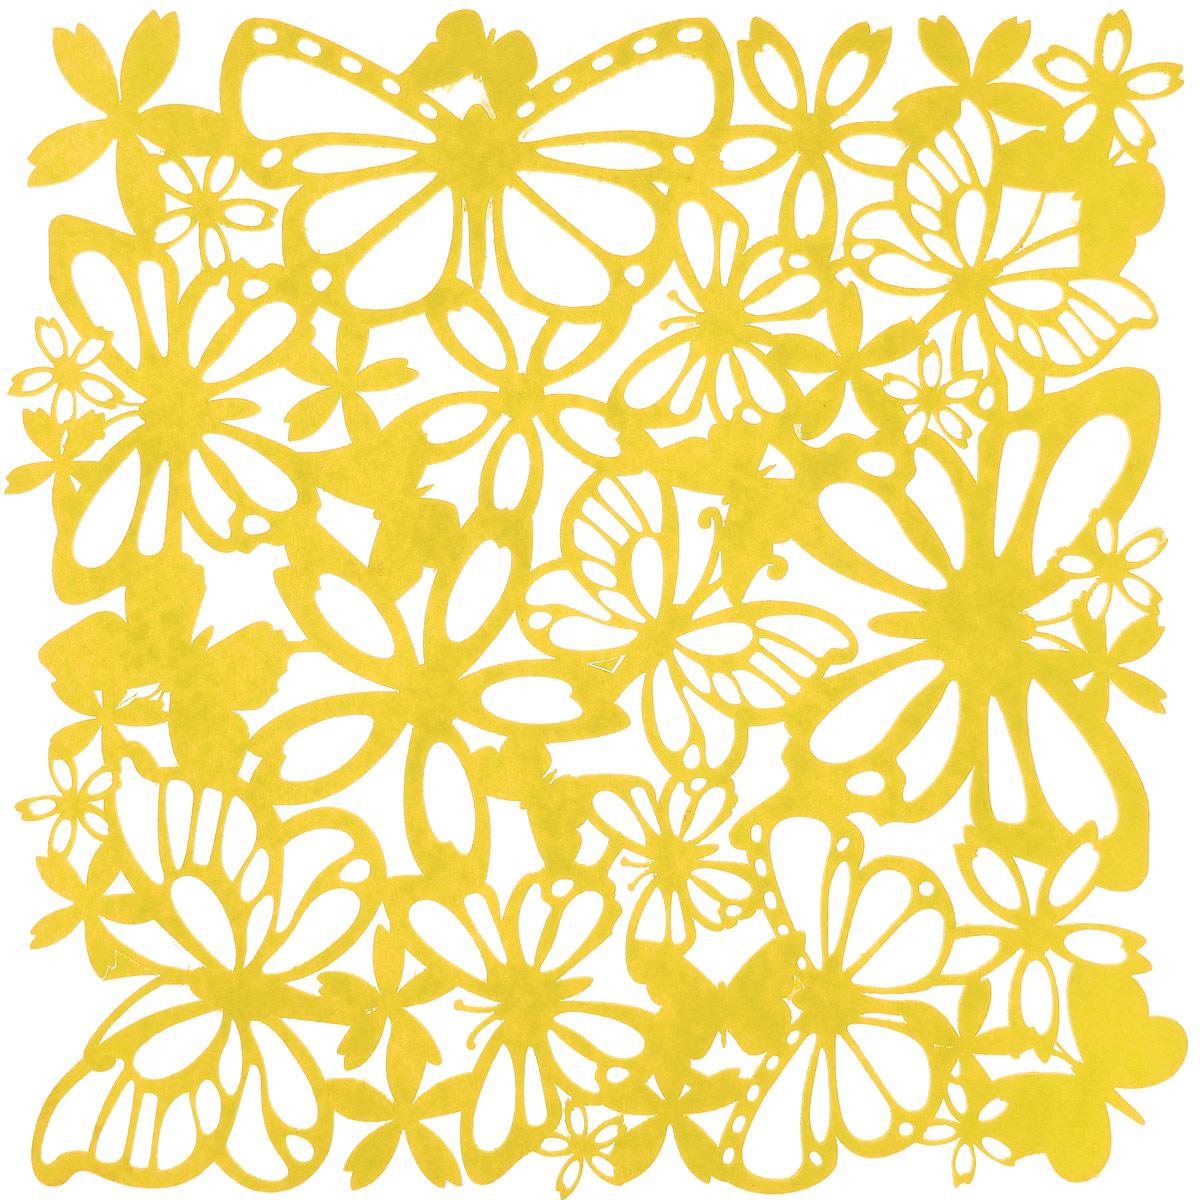 Салфетка Home Queen Взмах крыльев, цвет: желтый, 30 см х 30 см66841_желтыйКвадратная салфетка Home Queen Взмах крыльев изготовлена из фетра и оформлена изысканной перфорацией в виде цветочных узоров и бабочек. Такая салфетка прекрасно подойдет для украшения интерьера кухни, она сбережет стол от высоких температур и грязи.